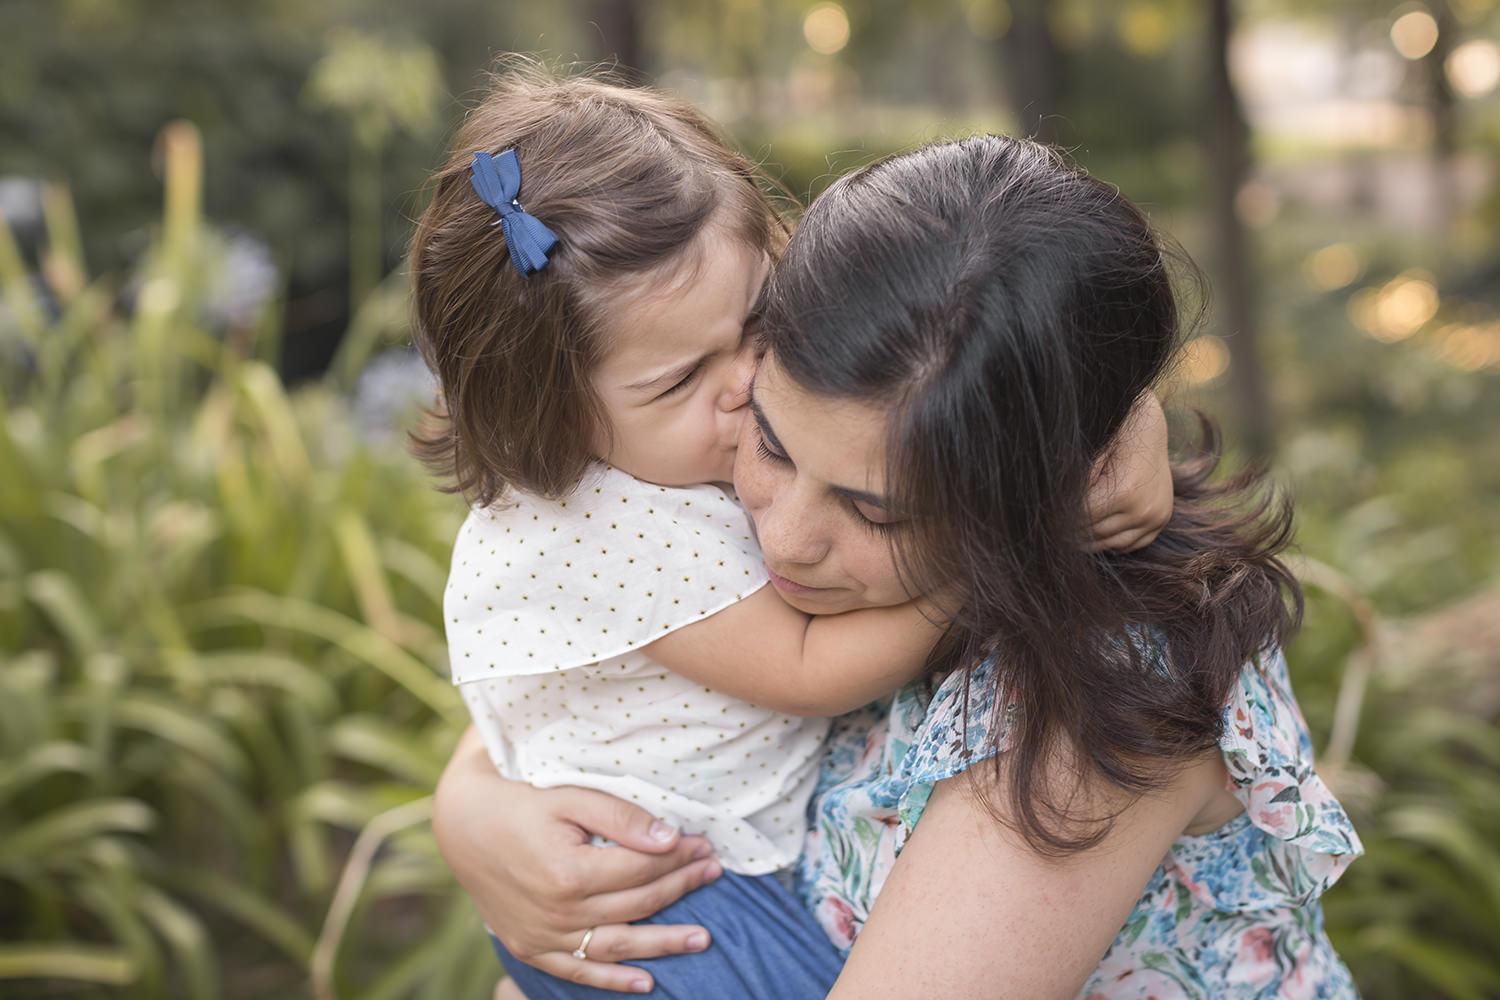 lisbon-family-photographer-terra-fotografia-22.jpg